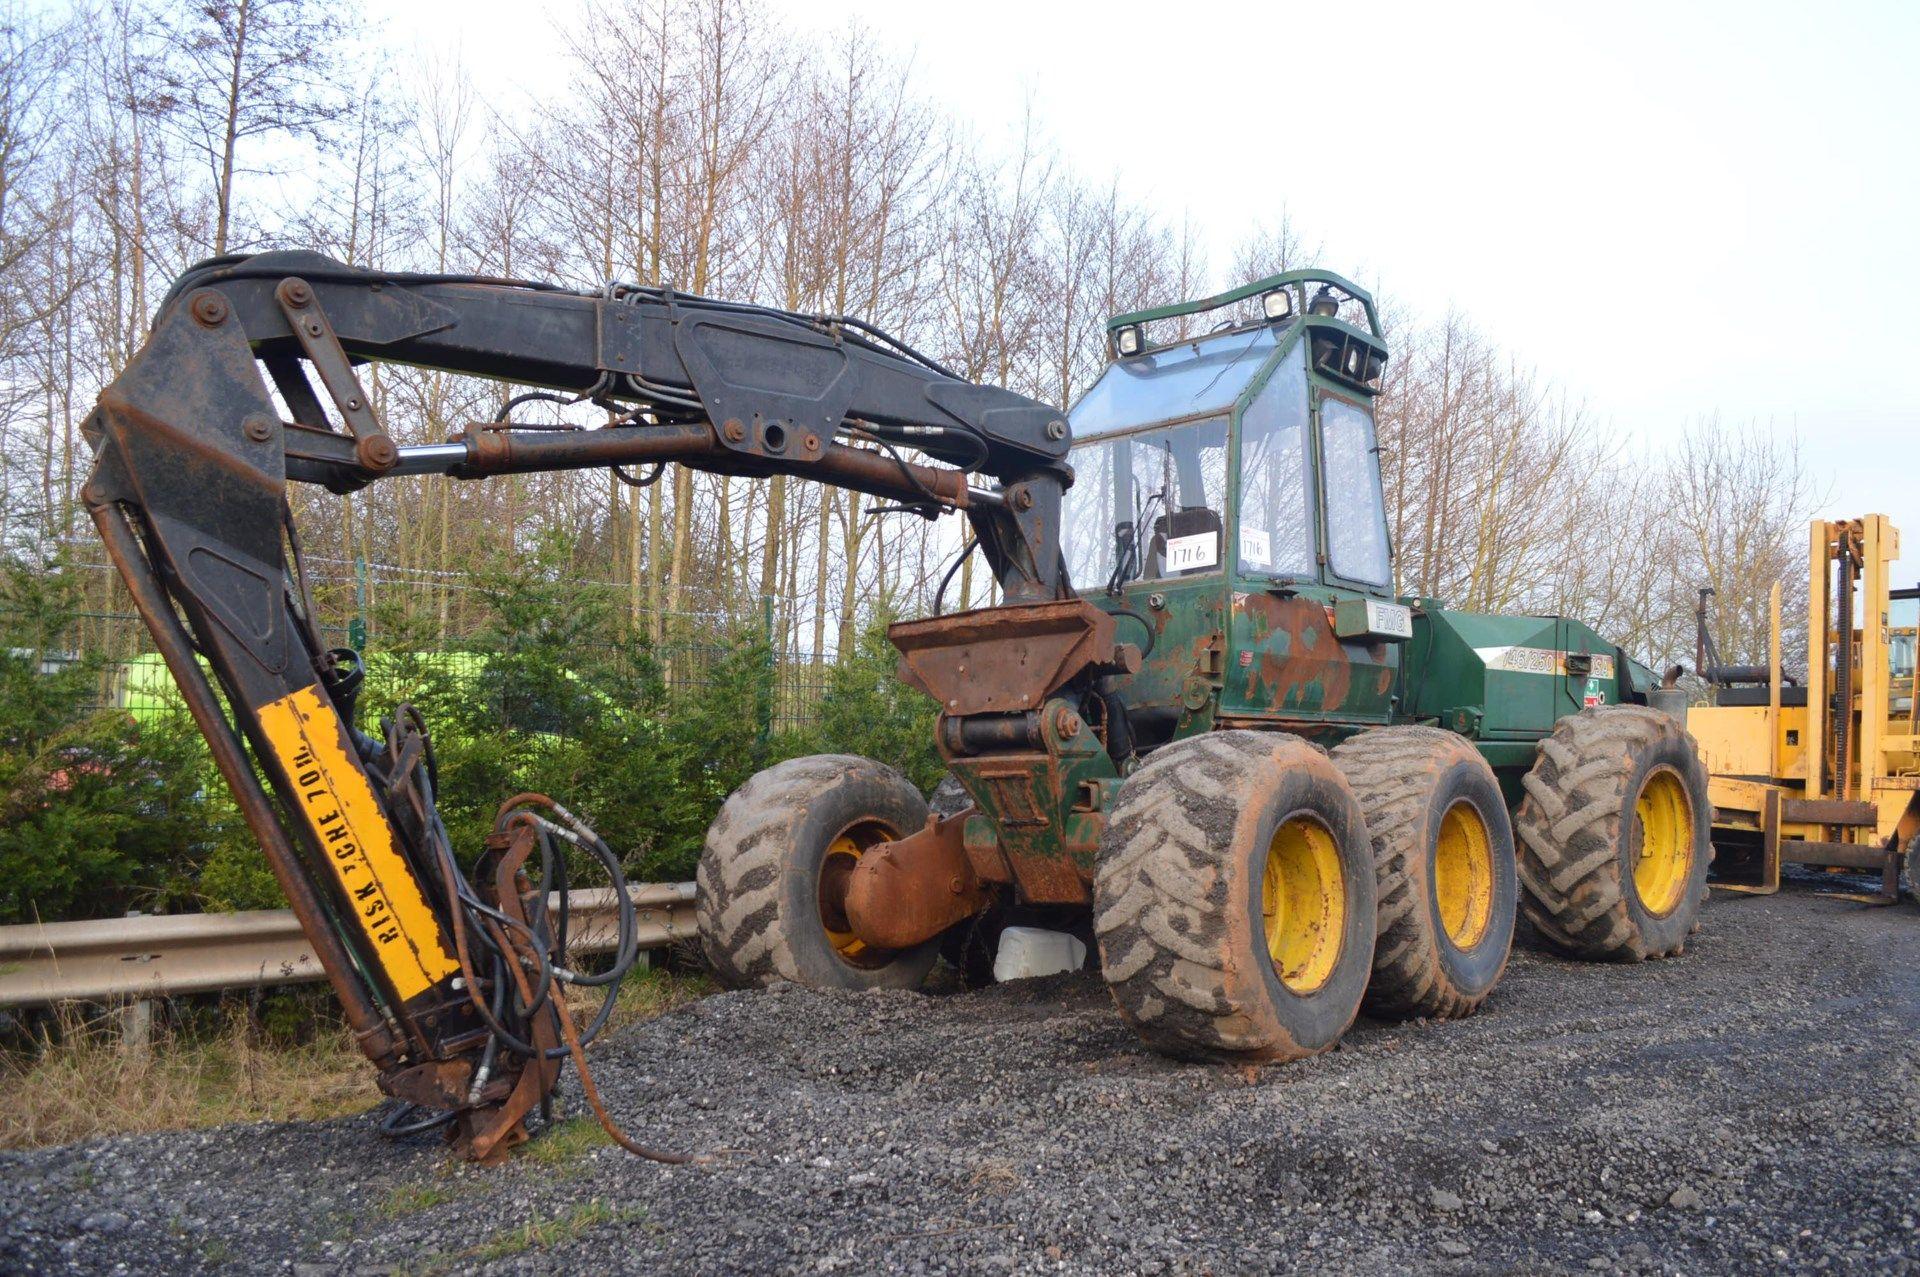 Lot 63 - FMG 746/250 SUPER EVA TURBO, 136HP TREE HARVESTER *PLUS VAT*